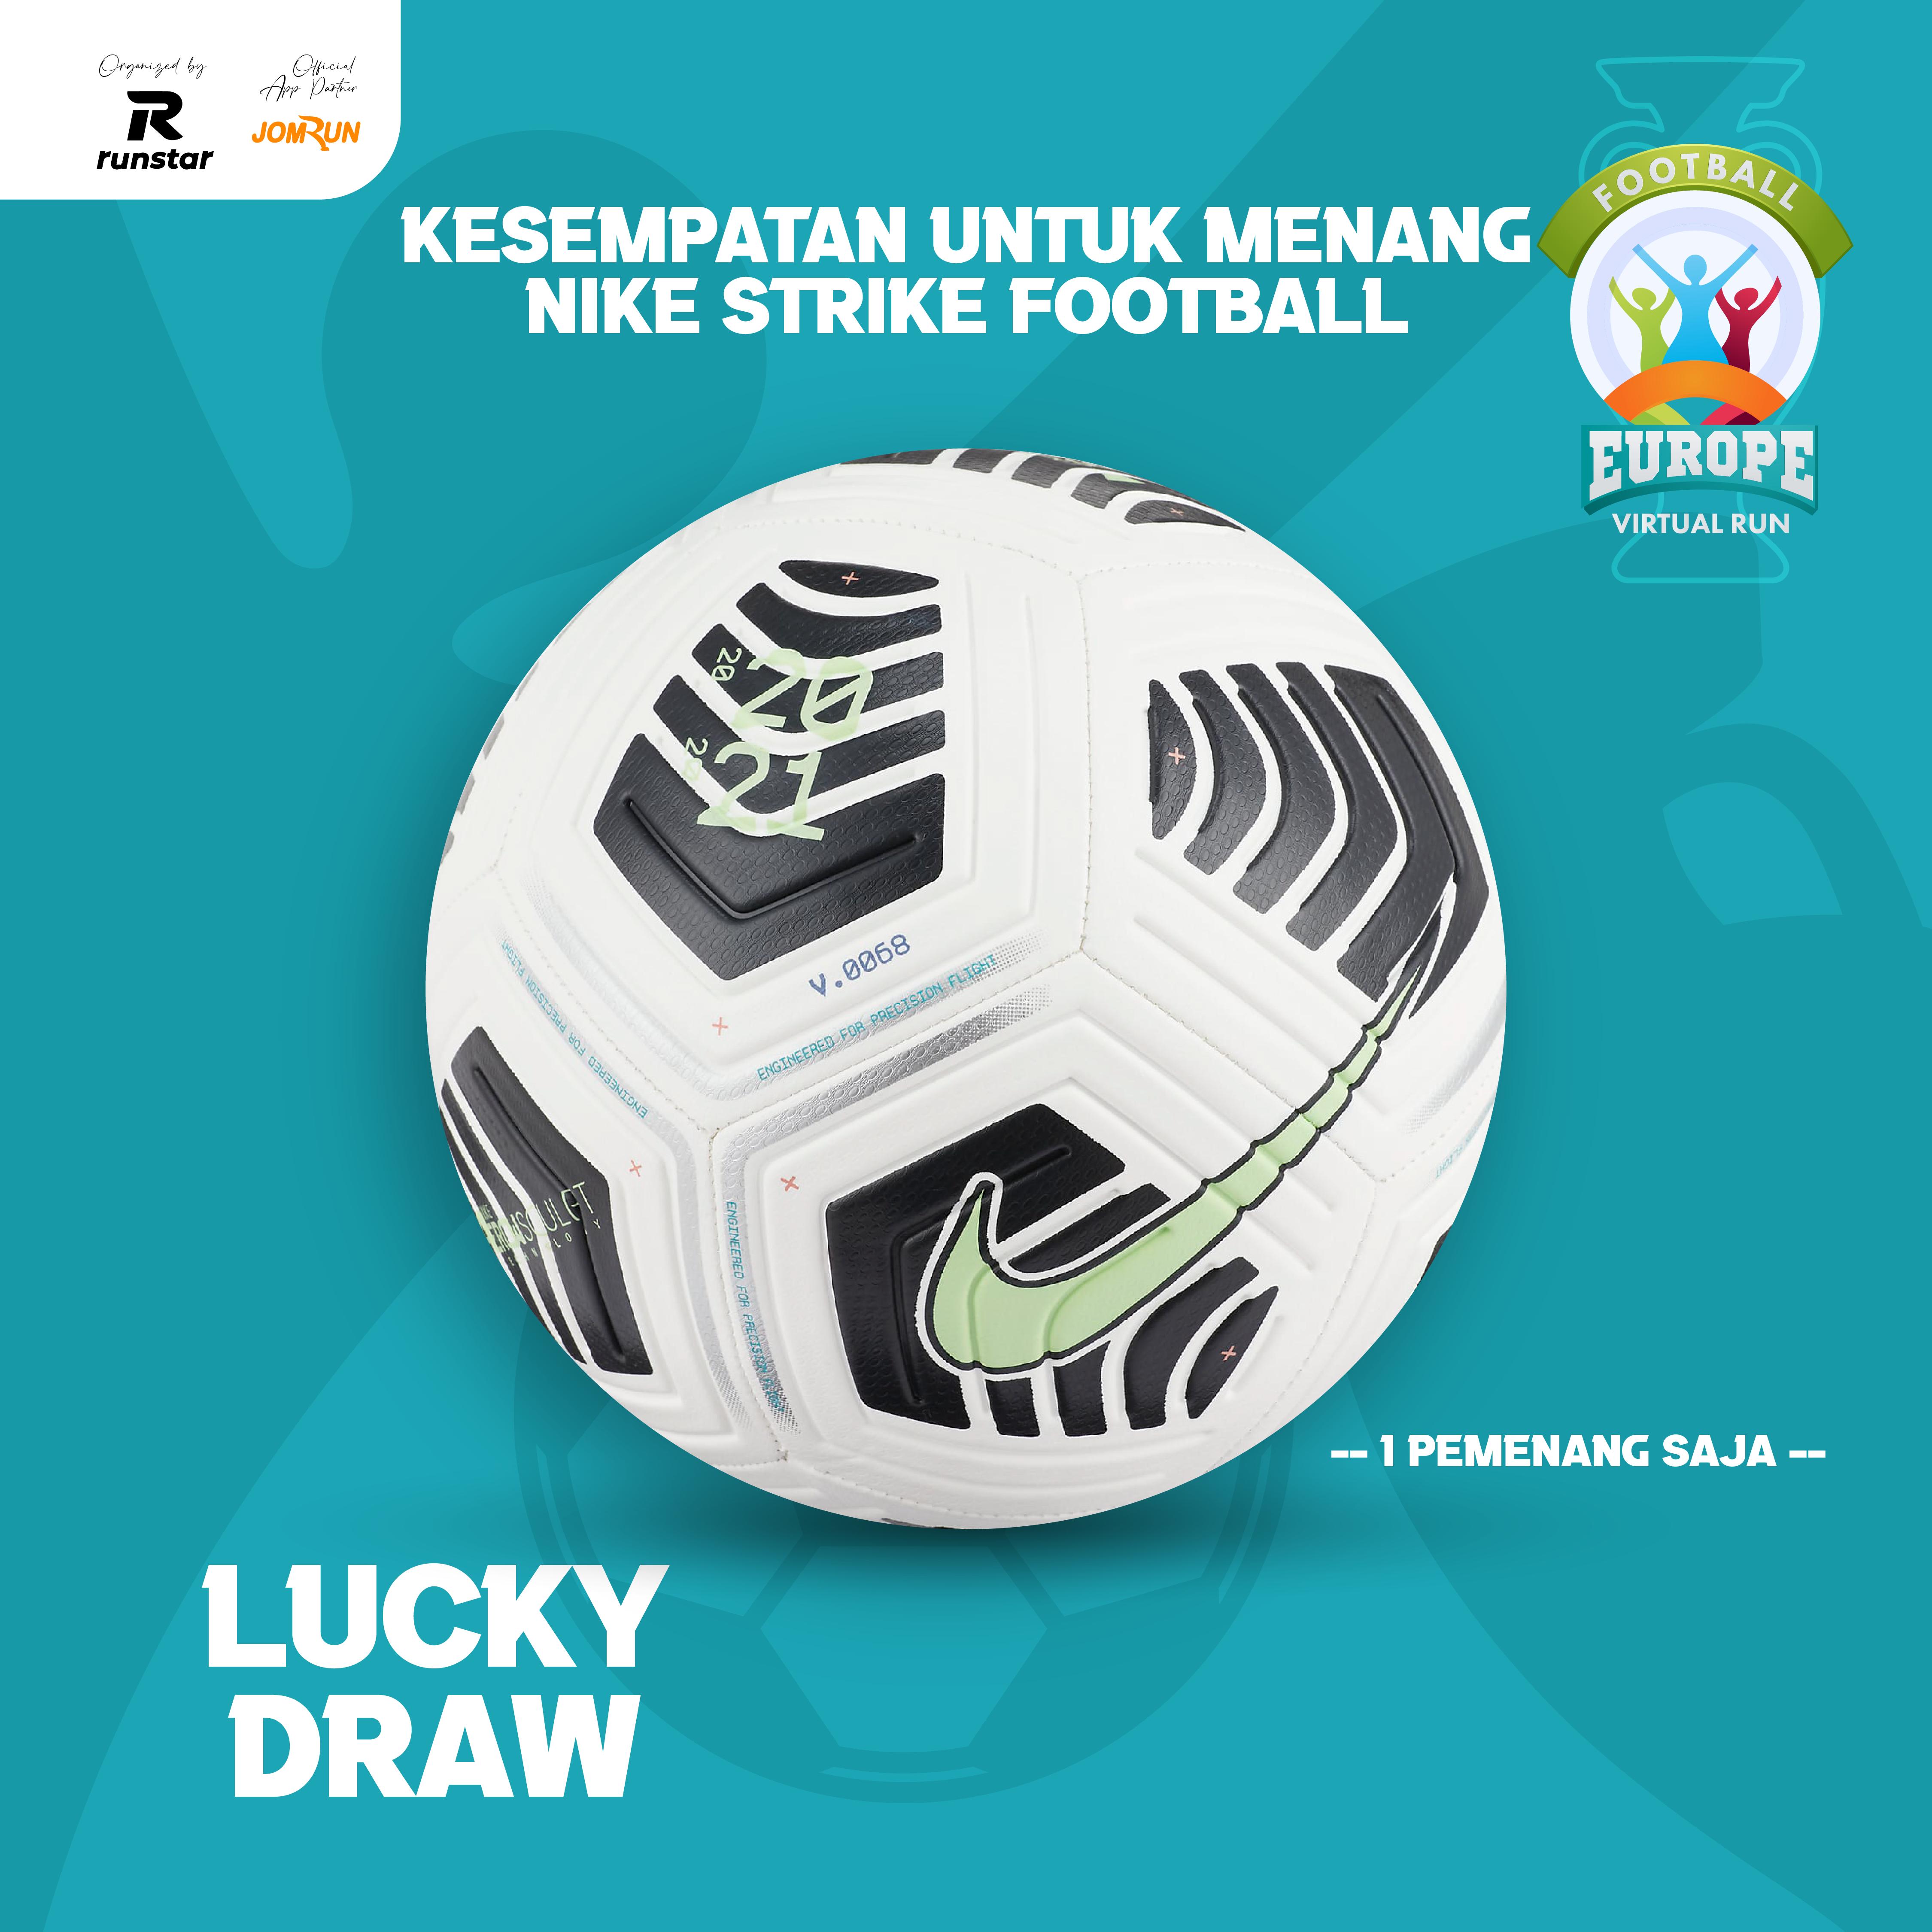 10KM Europe Football Virtual Run - Indonesia